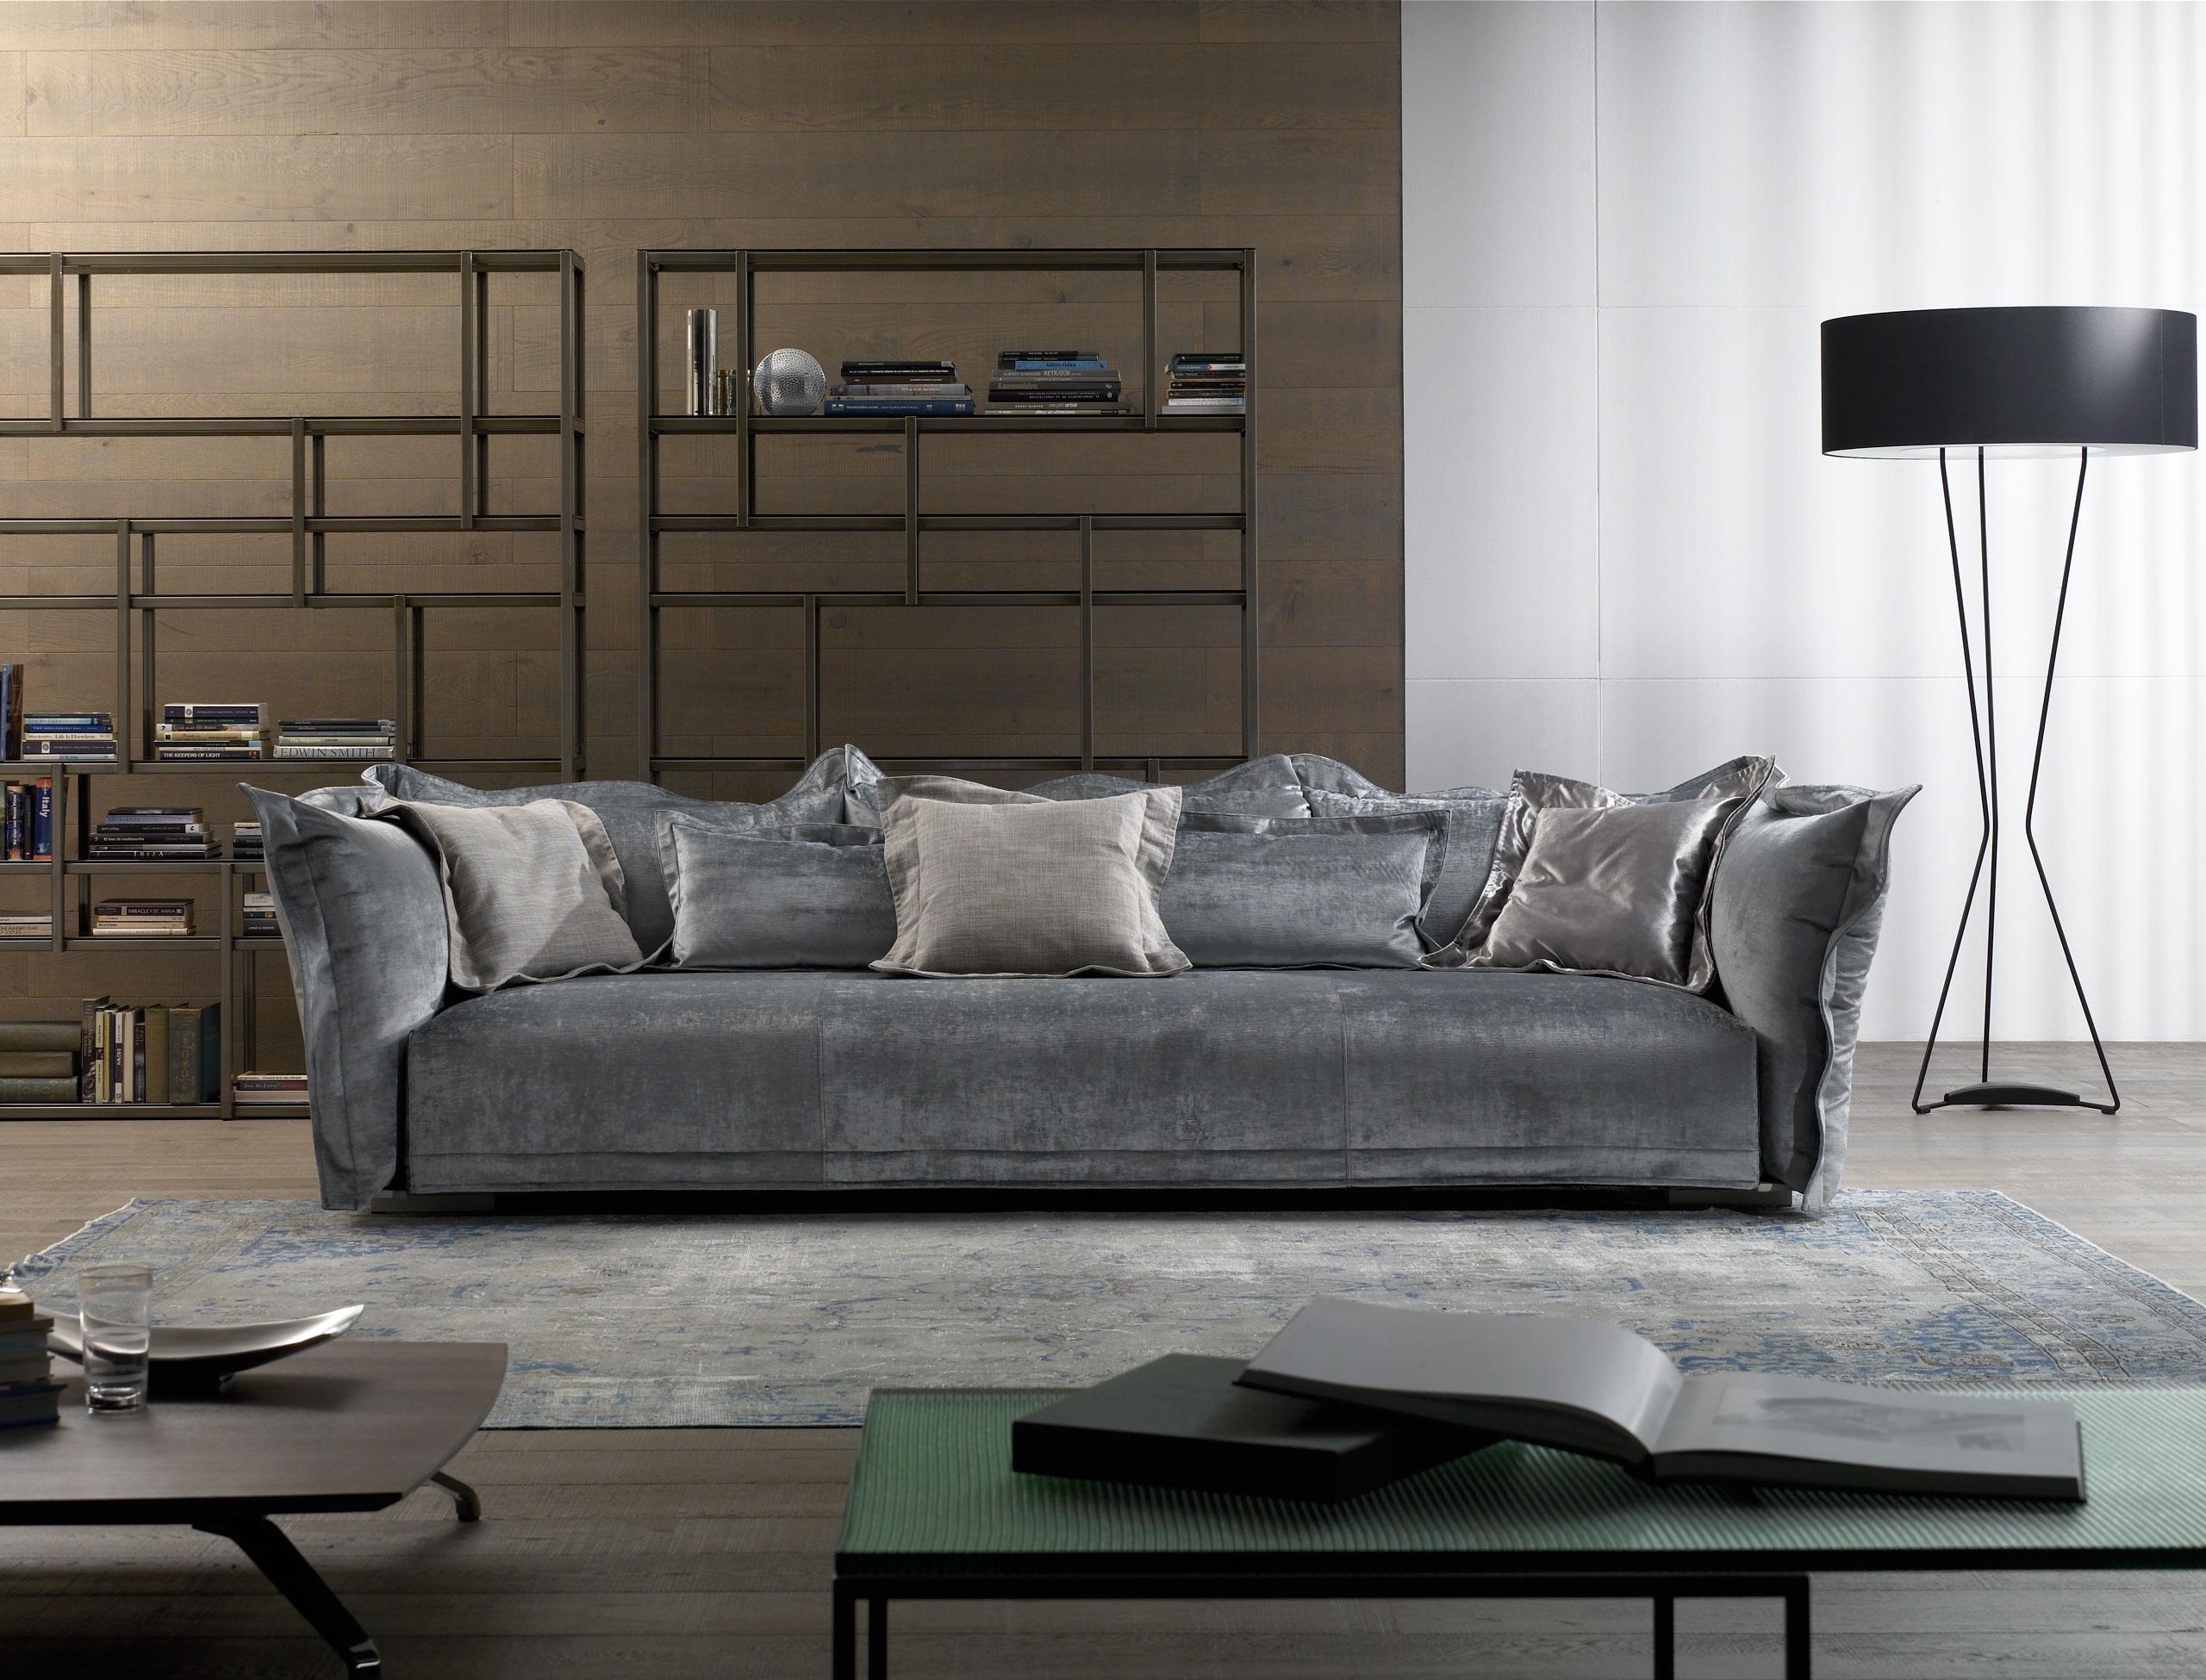 sofa casadesus muebles mallorca